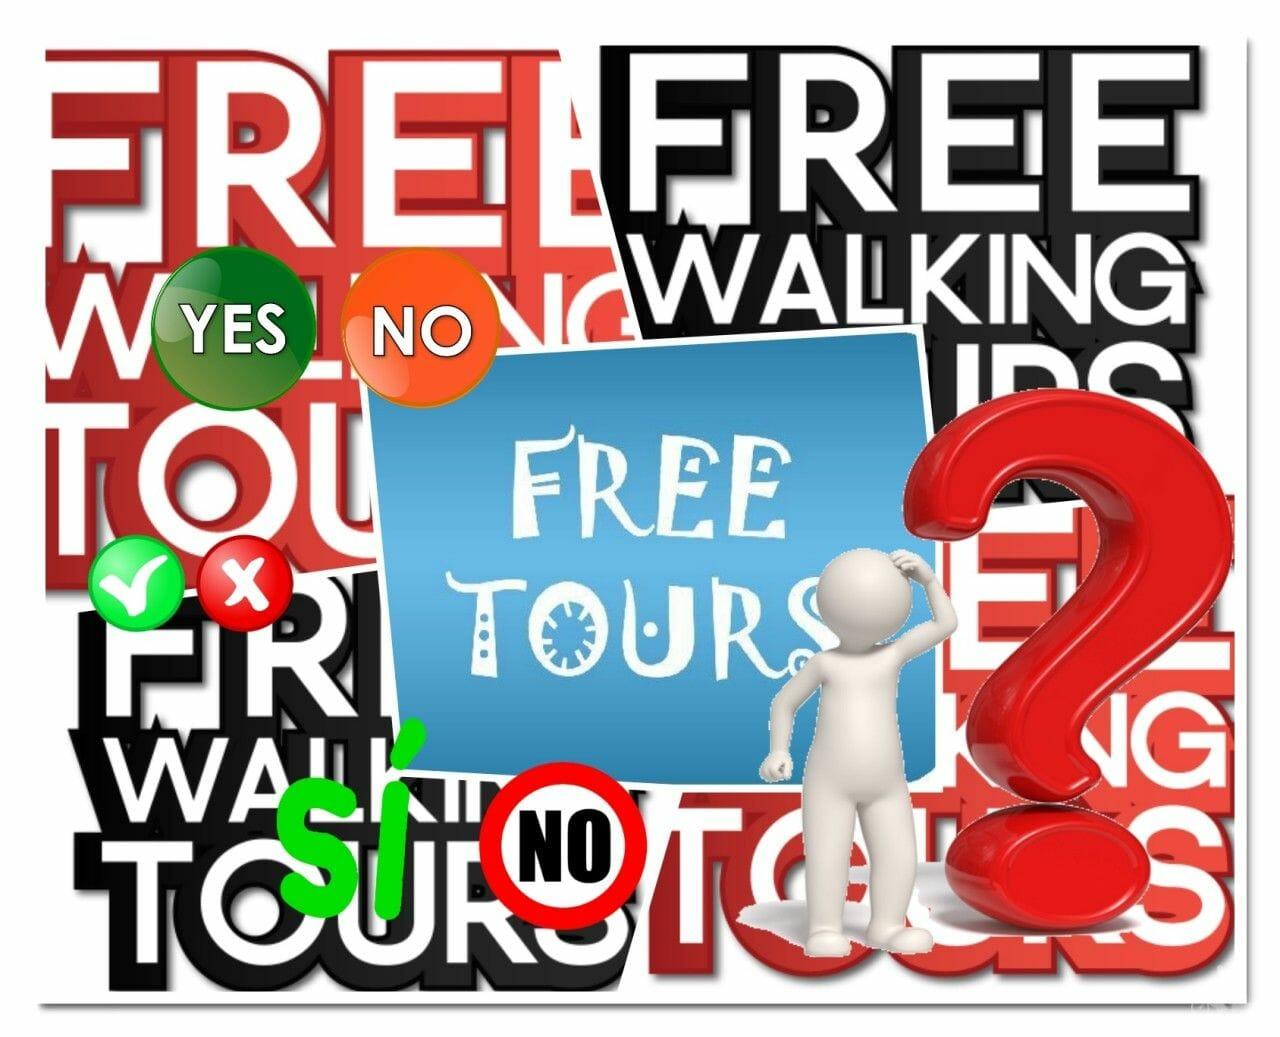 free tours europa